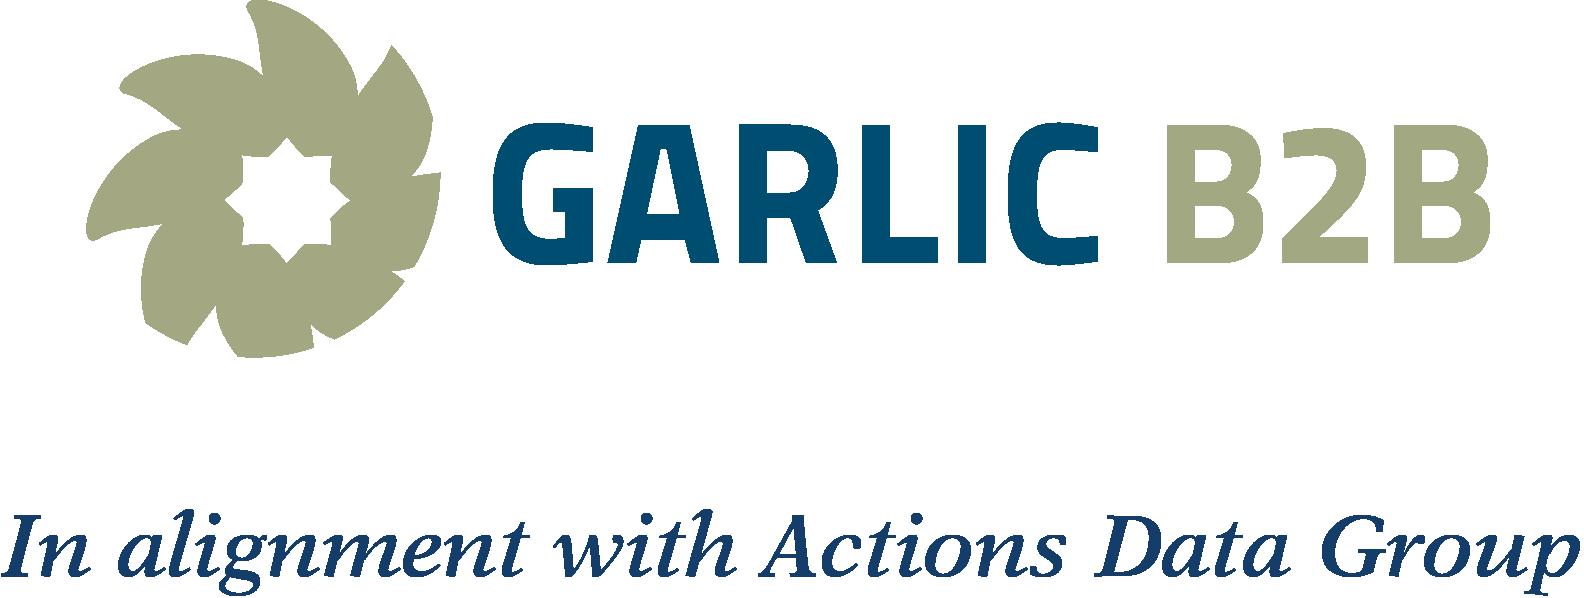 Garlic B2B